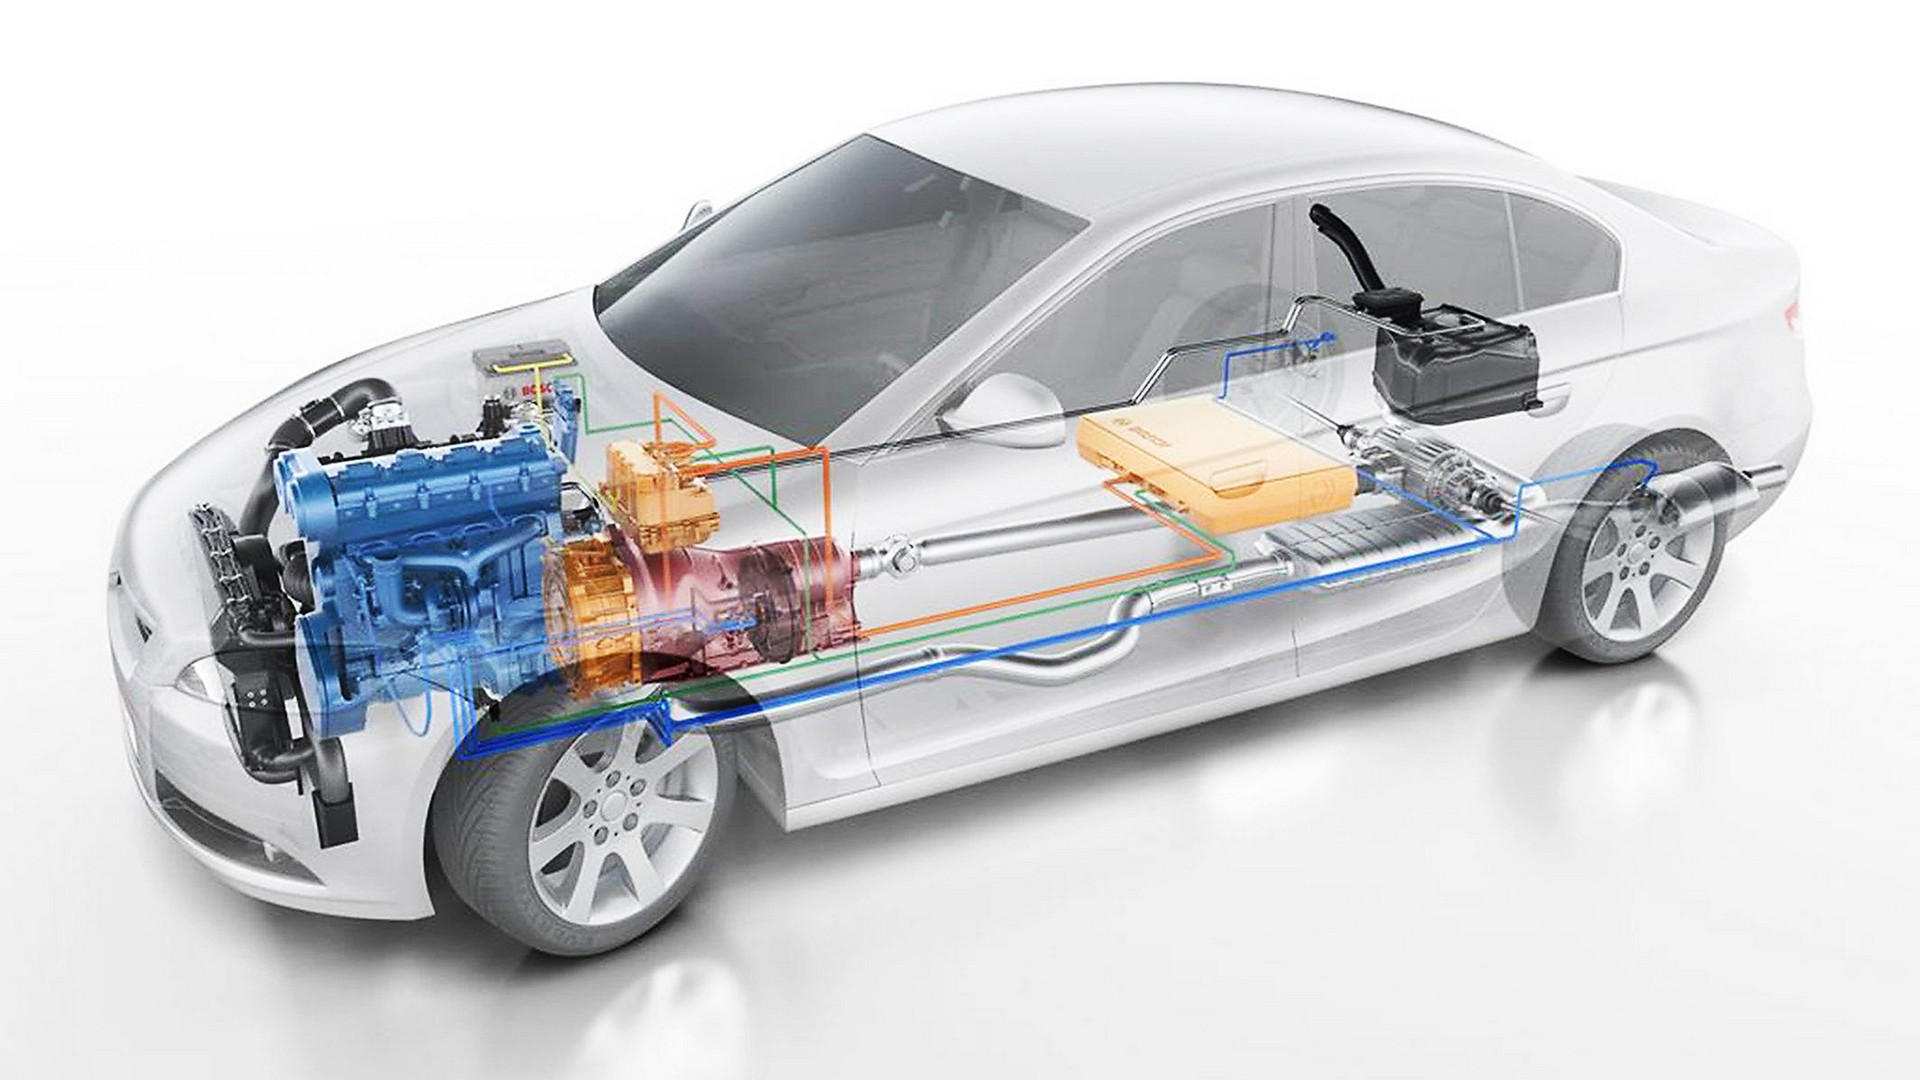 Elettrificazione di massa nascono i primi sistemi pr t for Come ridurre il rumore nella cabina dell auto